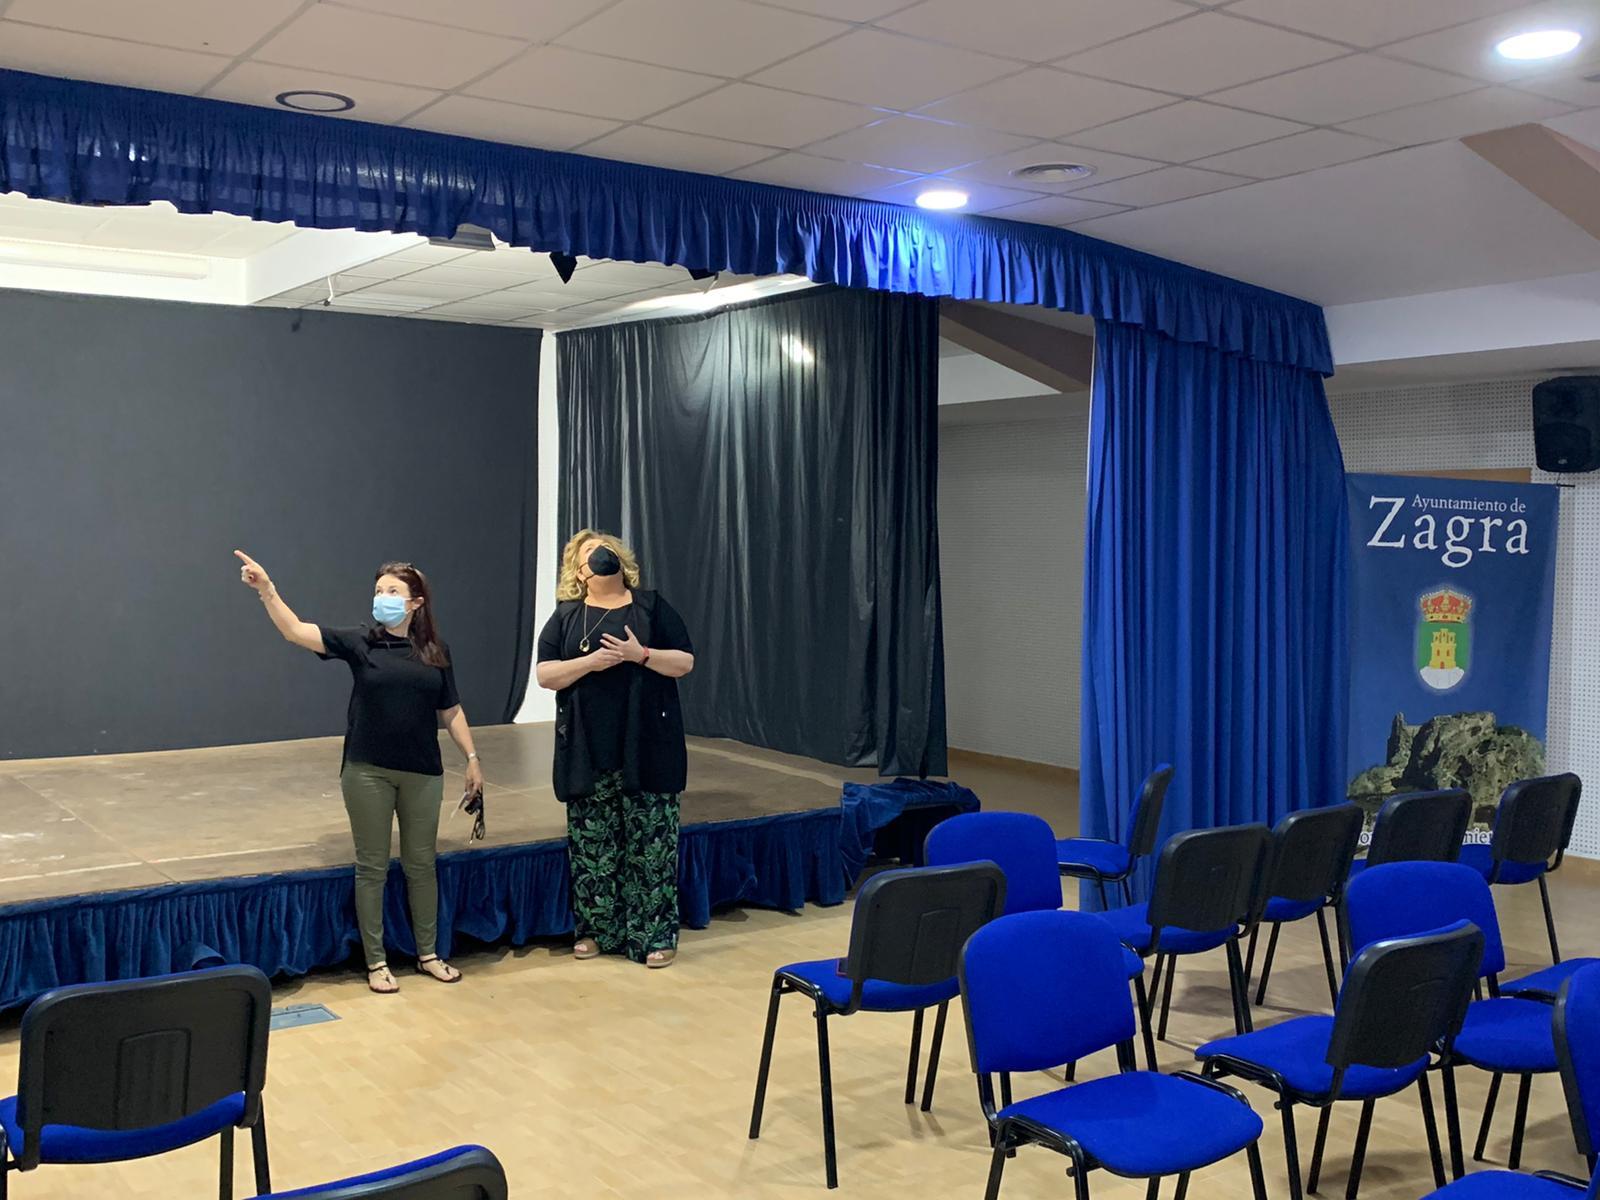 Diputación invierte en la mejora las instalaciones culturales de Zagra